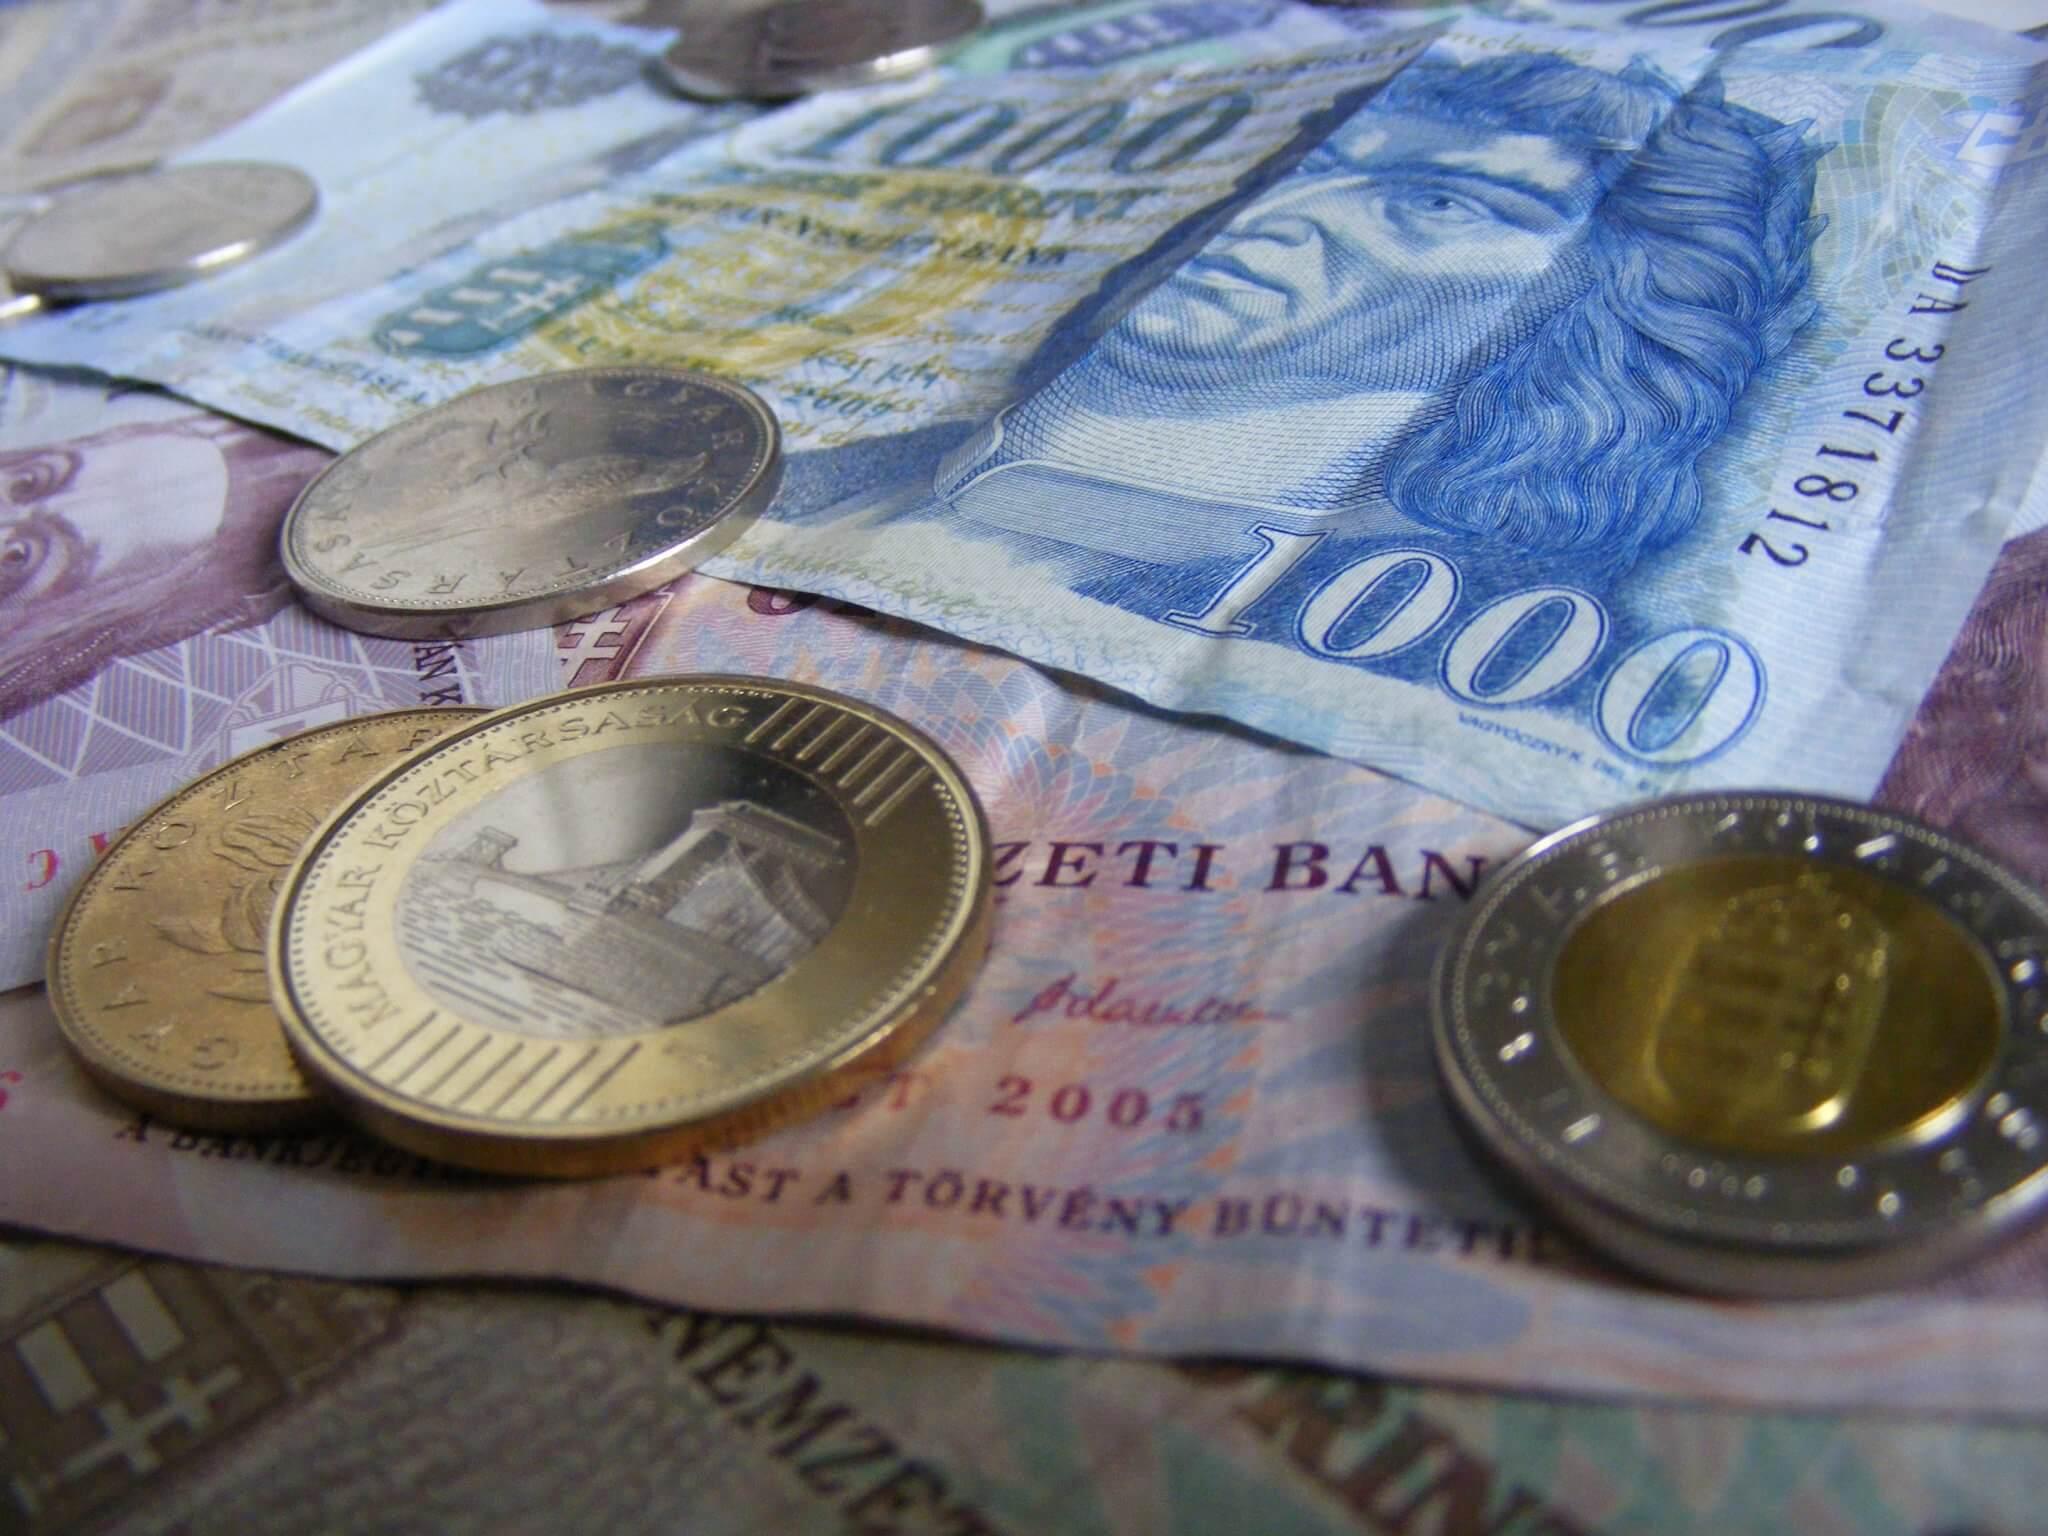 Társasház beszámolója és költségvetése - Békés Otthon Közös Képviselet